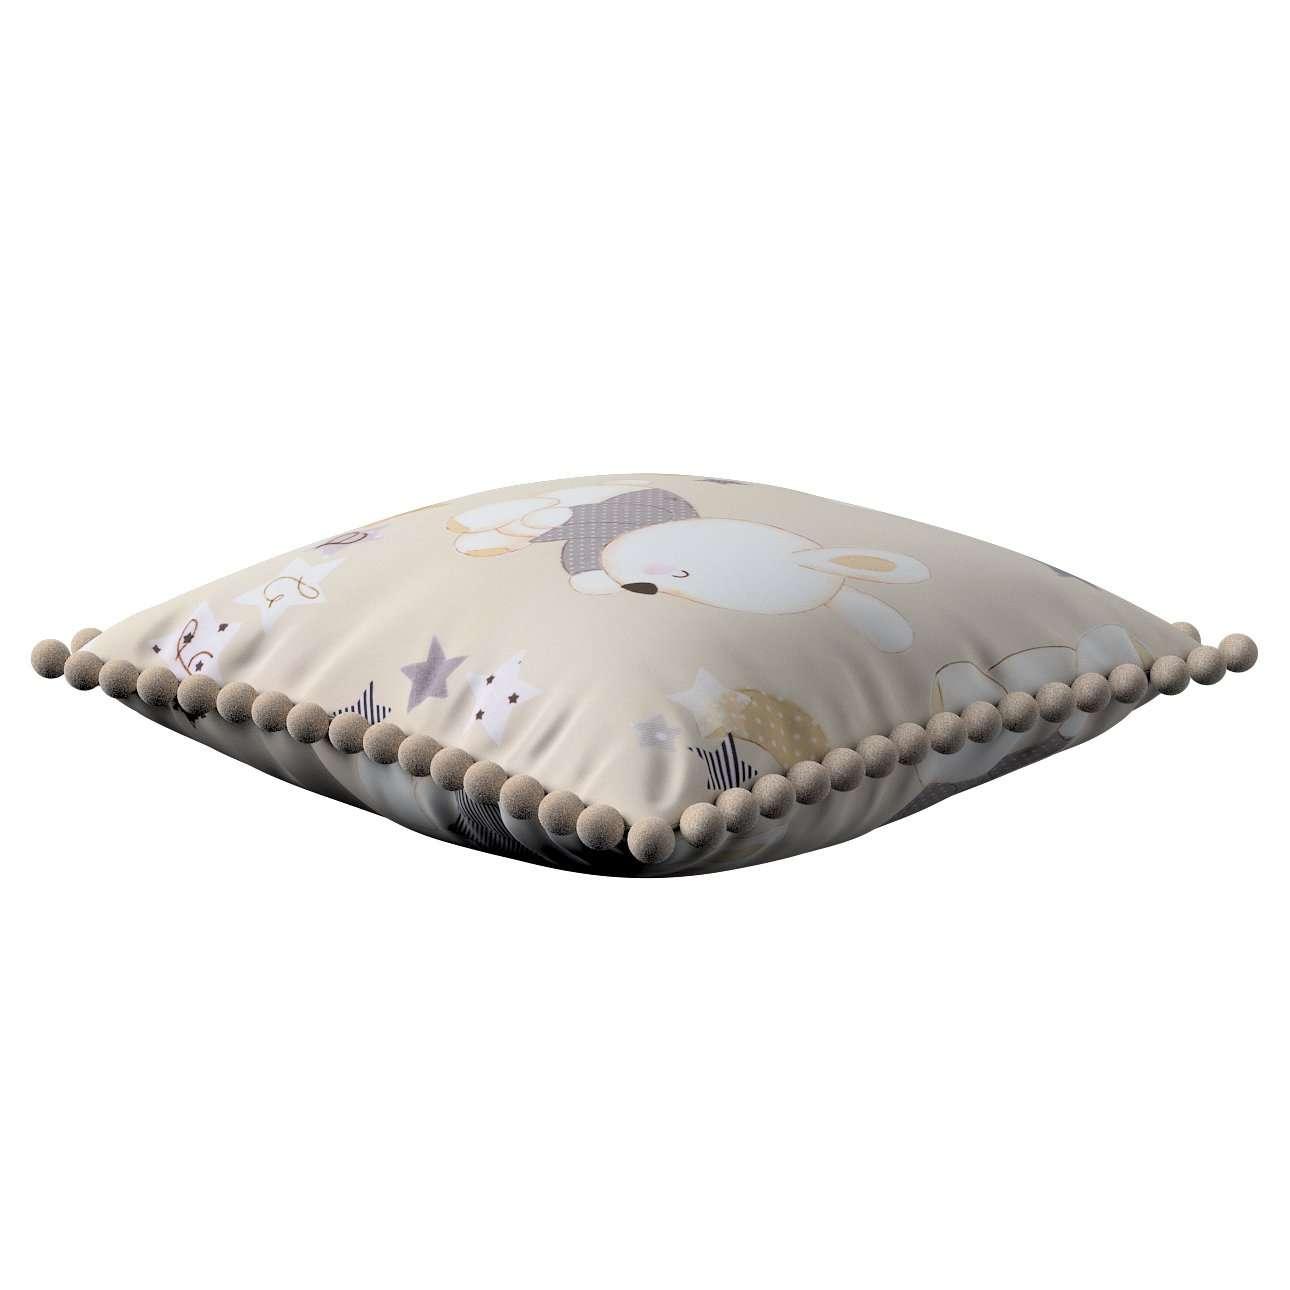 Poszewka Wera na poduszkę w kolekcji Adventure, tkanina: 141-85